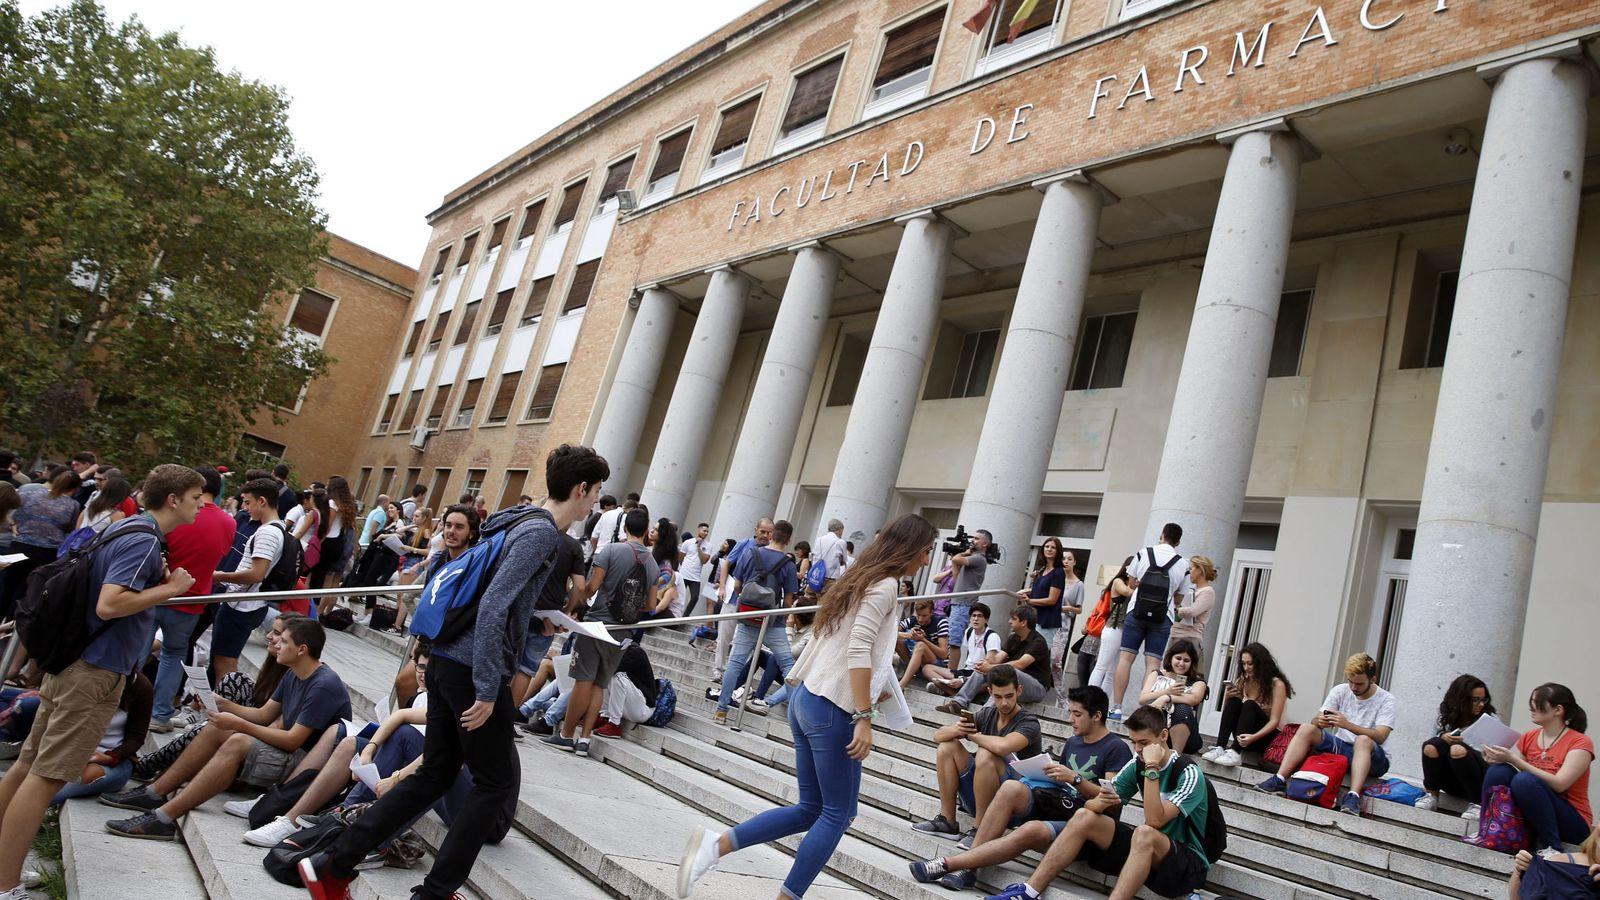 Foto: Facultad de Farmacia en el campus de la Universidad Complutense de Madrid. (EFE)